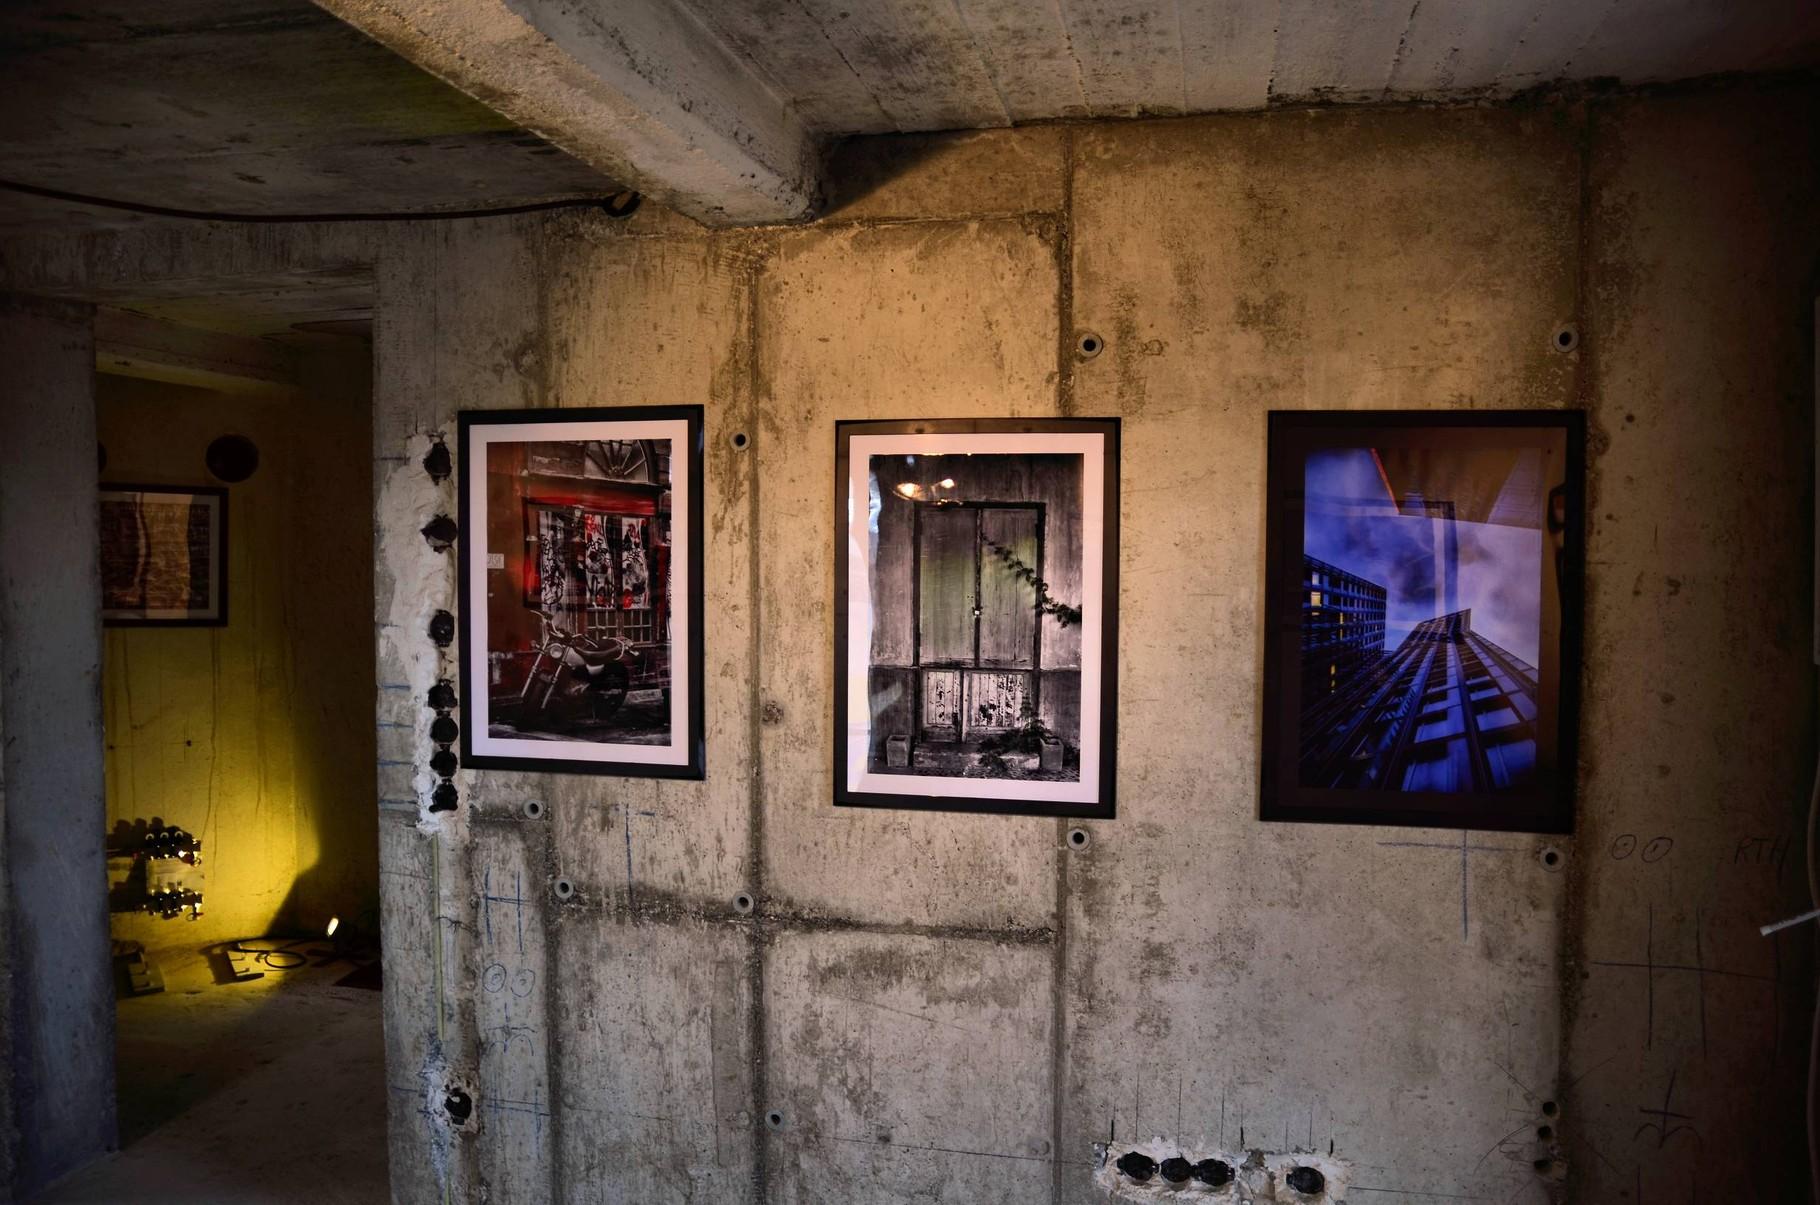 Die Ausstellung im Aqua-Turm